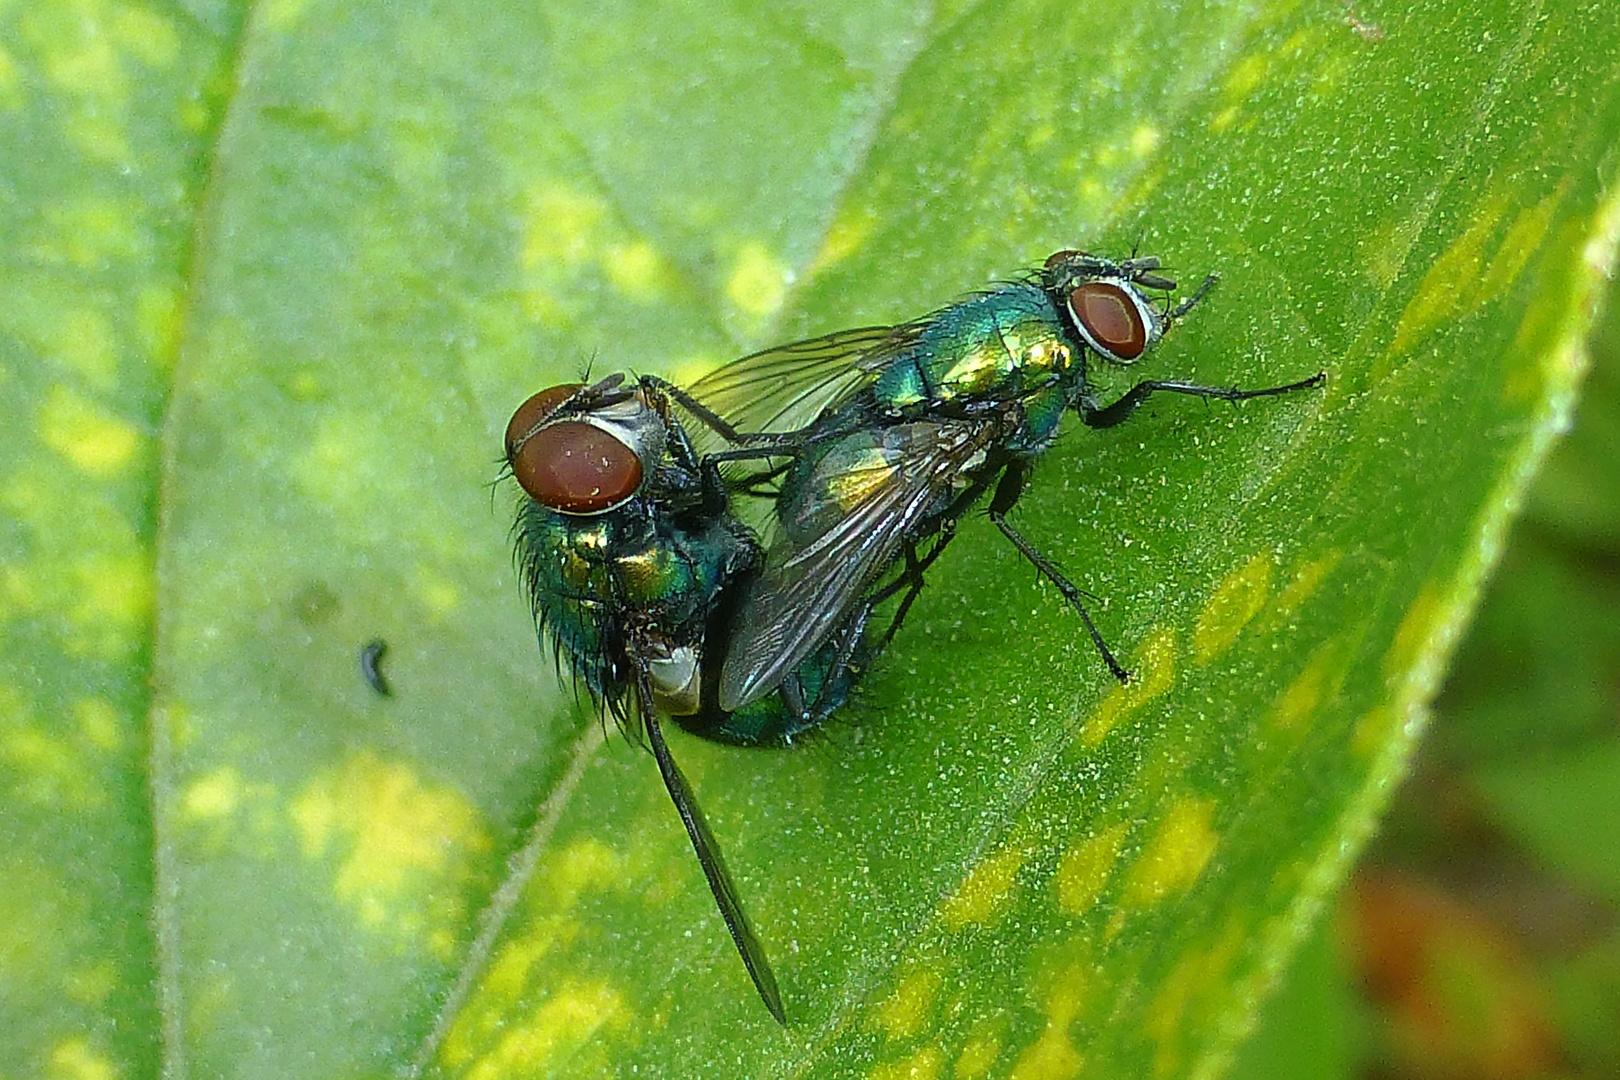 Glanzfliegenproduktion